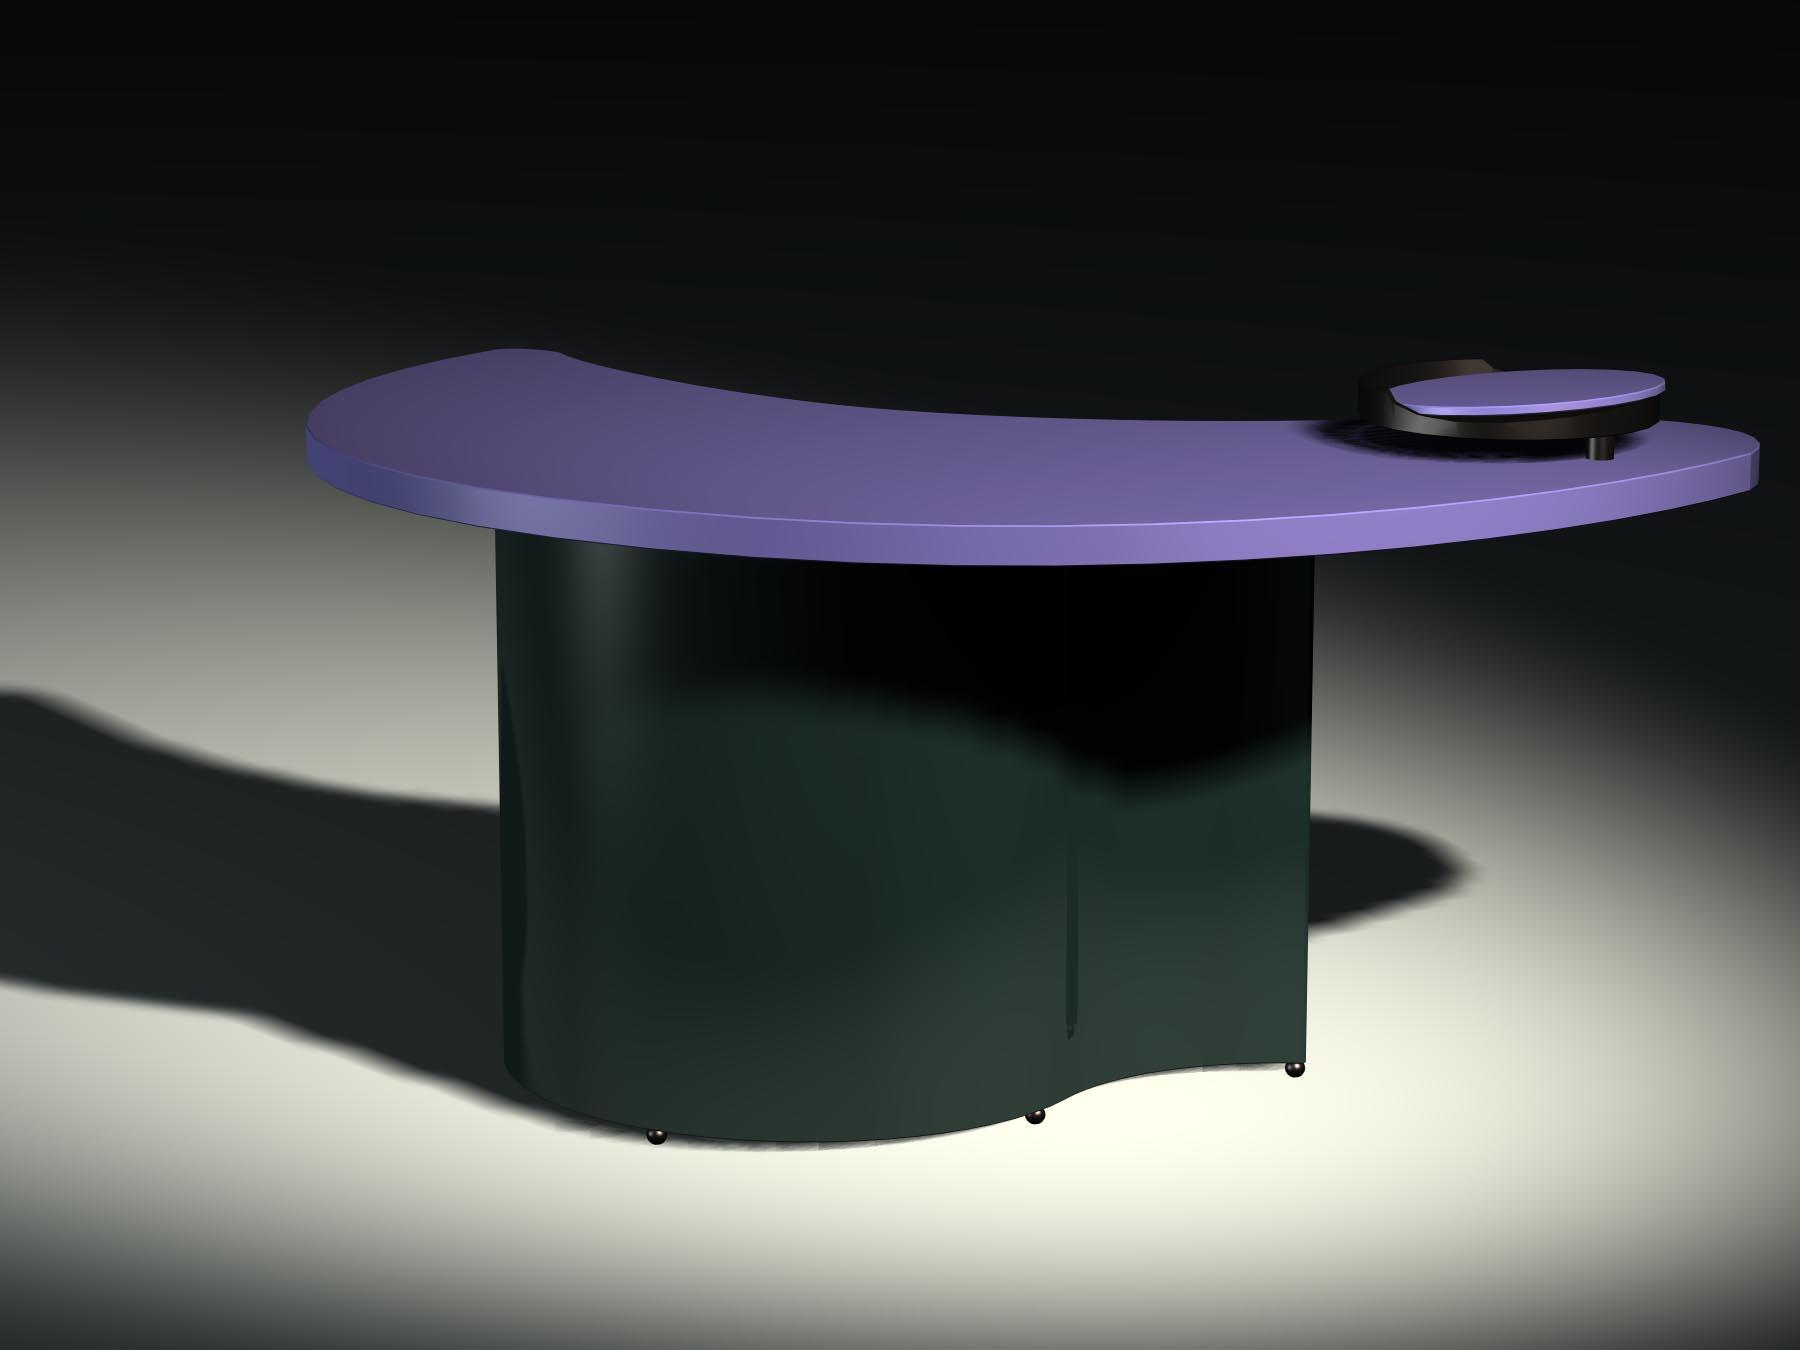 office furniture 003 24 3d model download free 3d models download. Black Bedroom Furniture Sets. Home Design Ideas